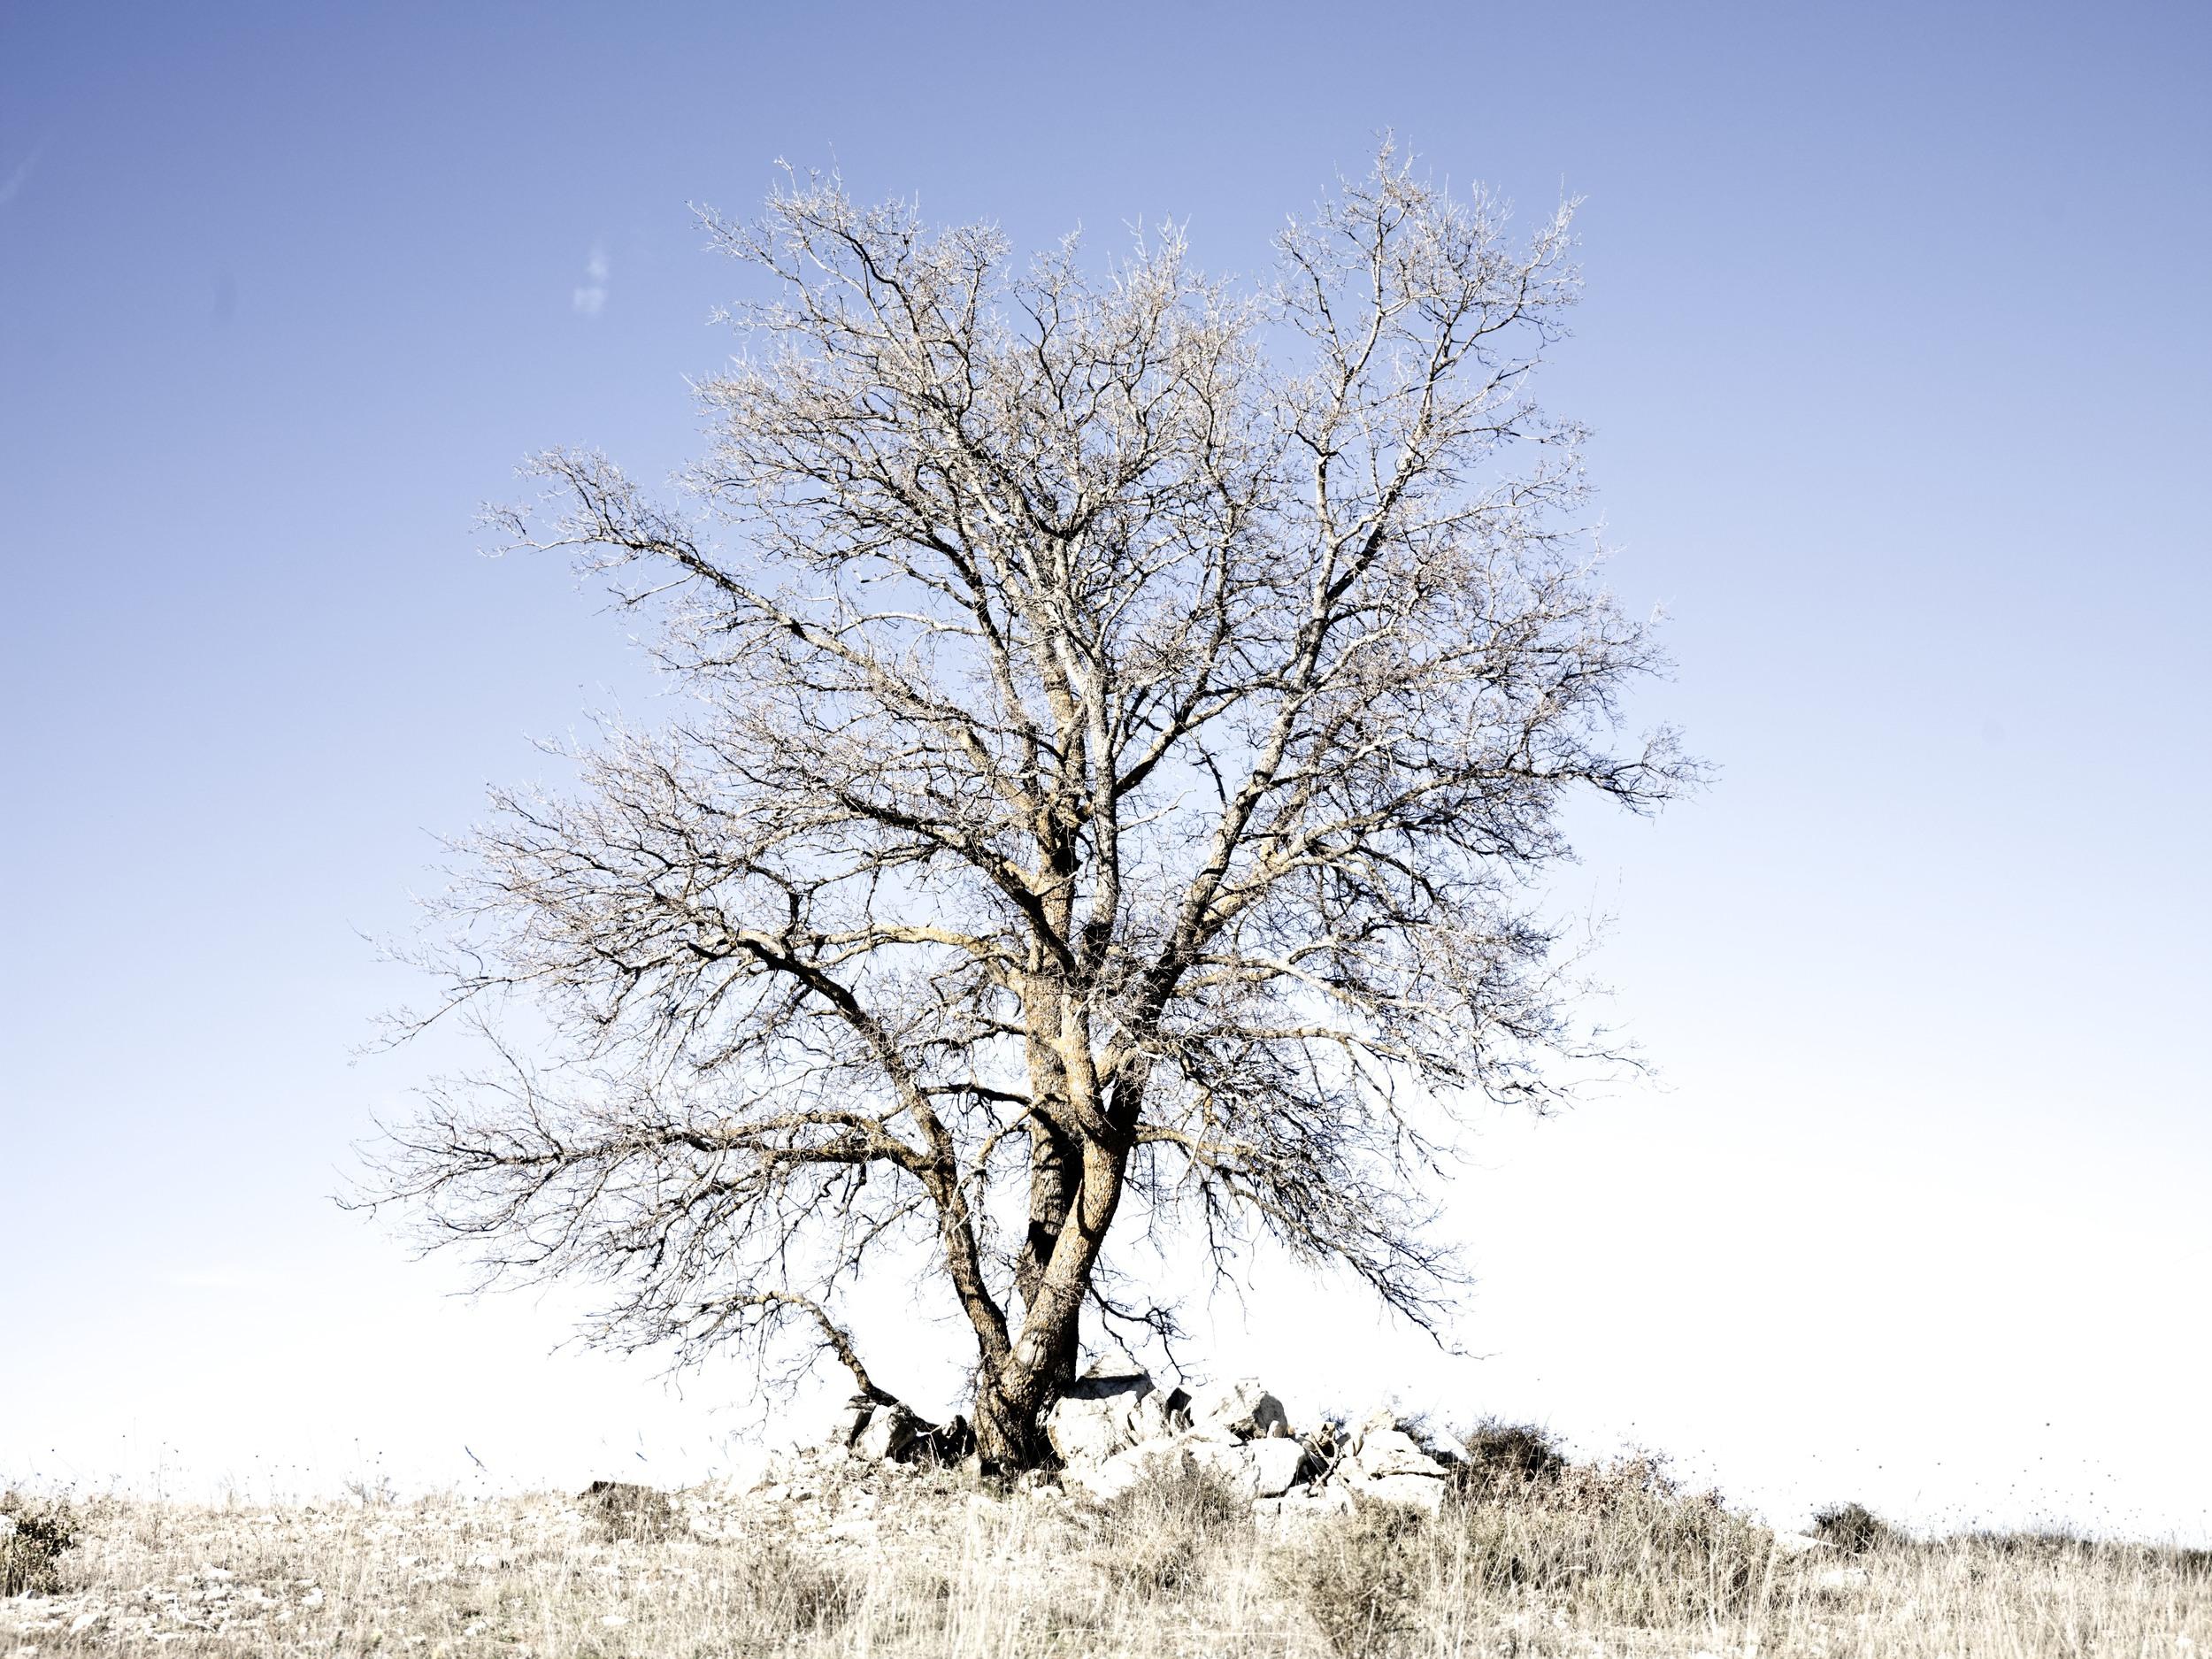 TREE, MADRID